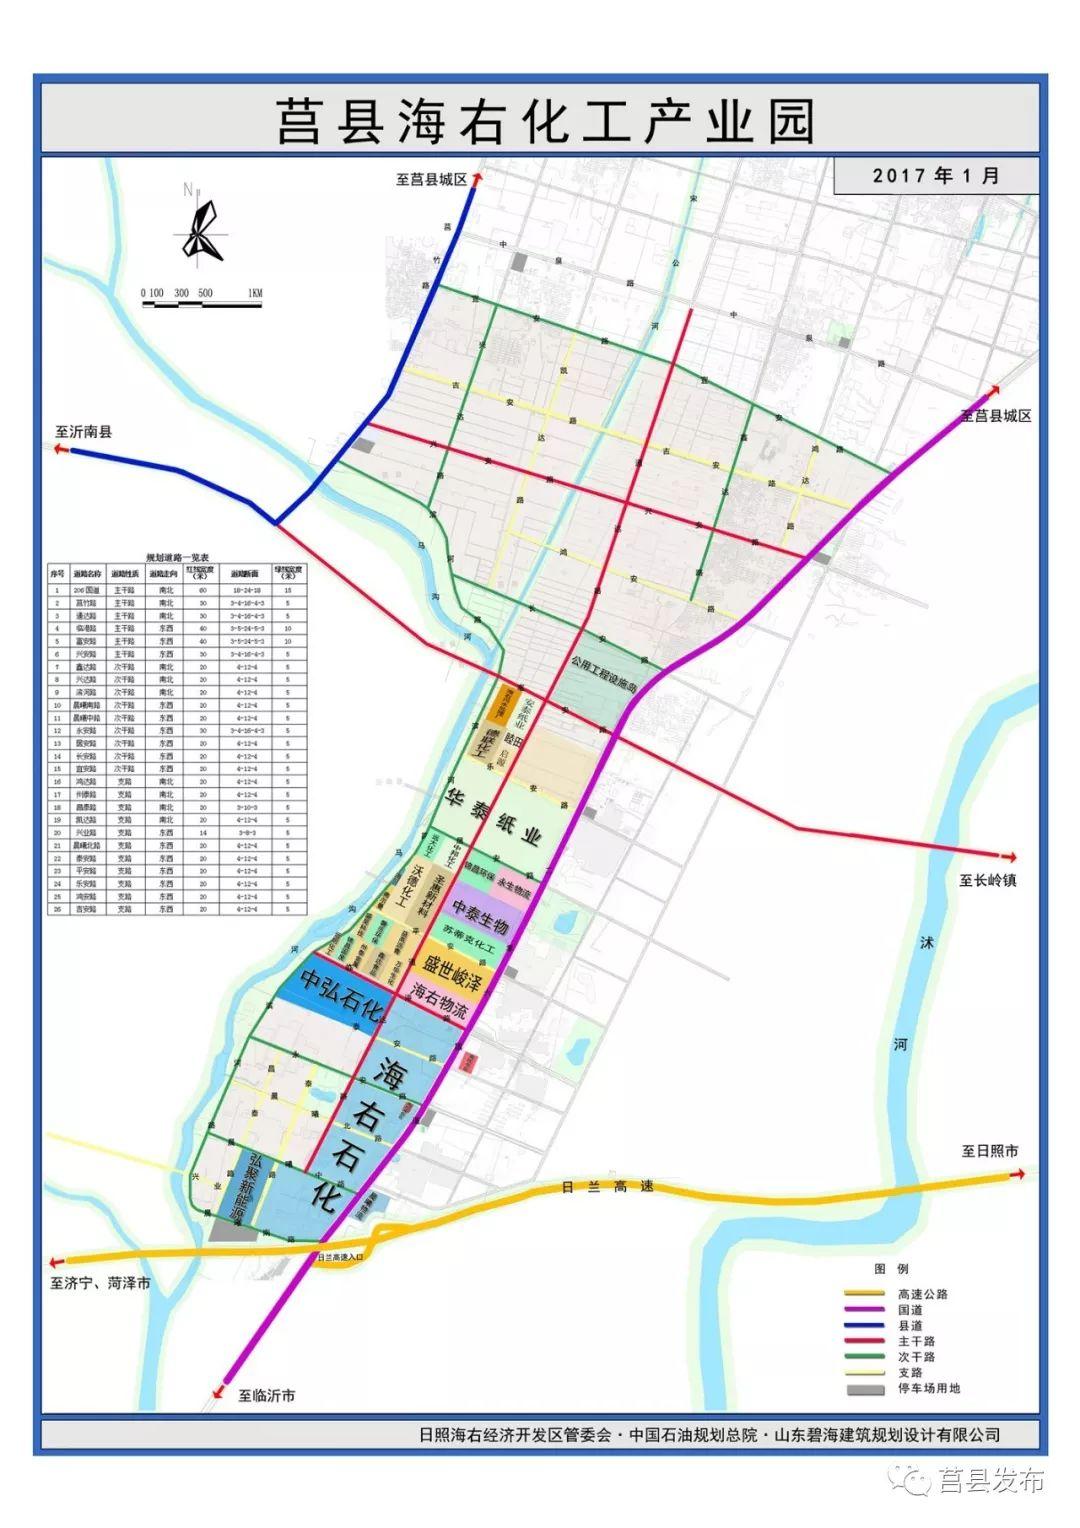 莒县最新规划图